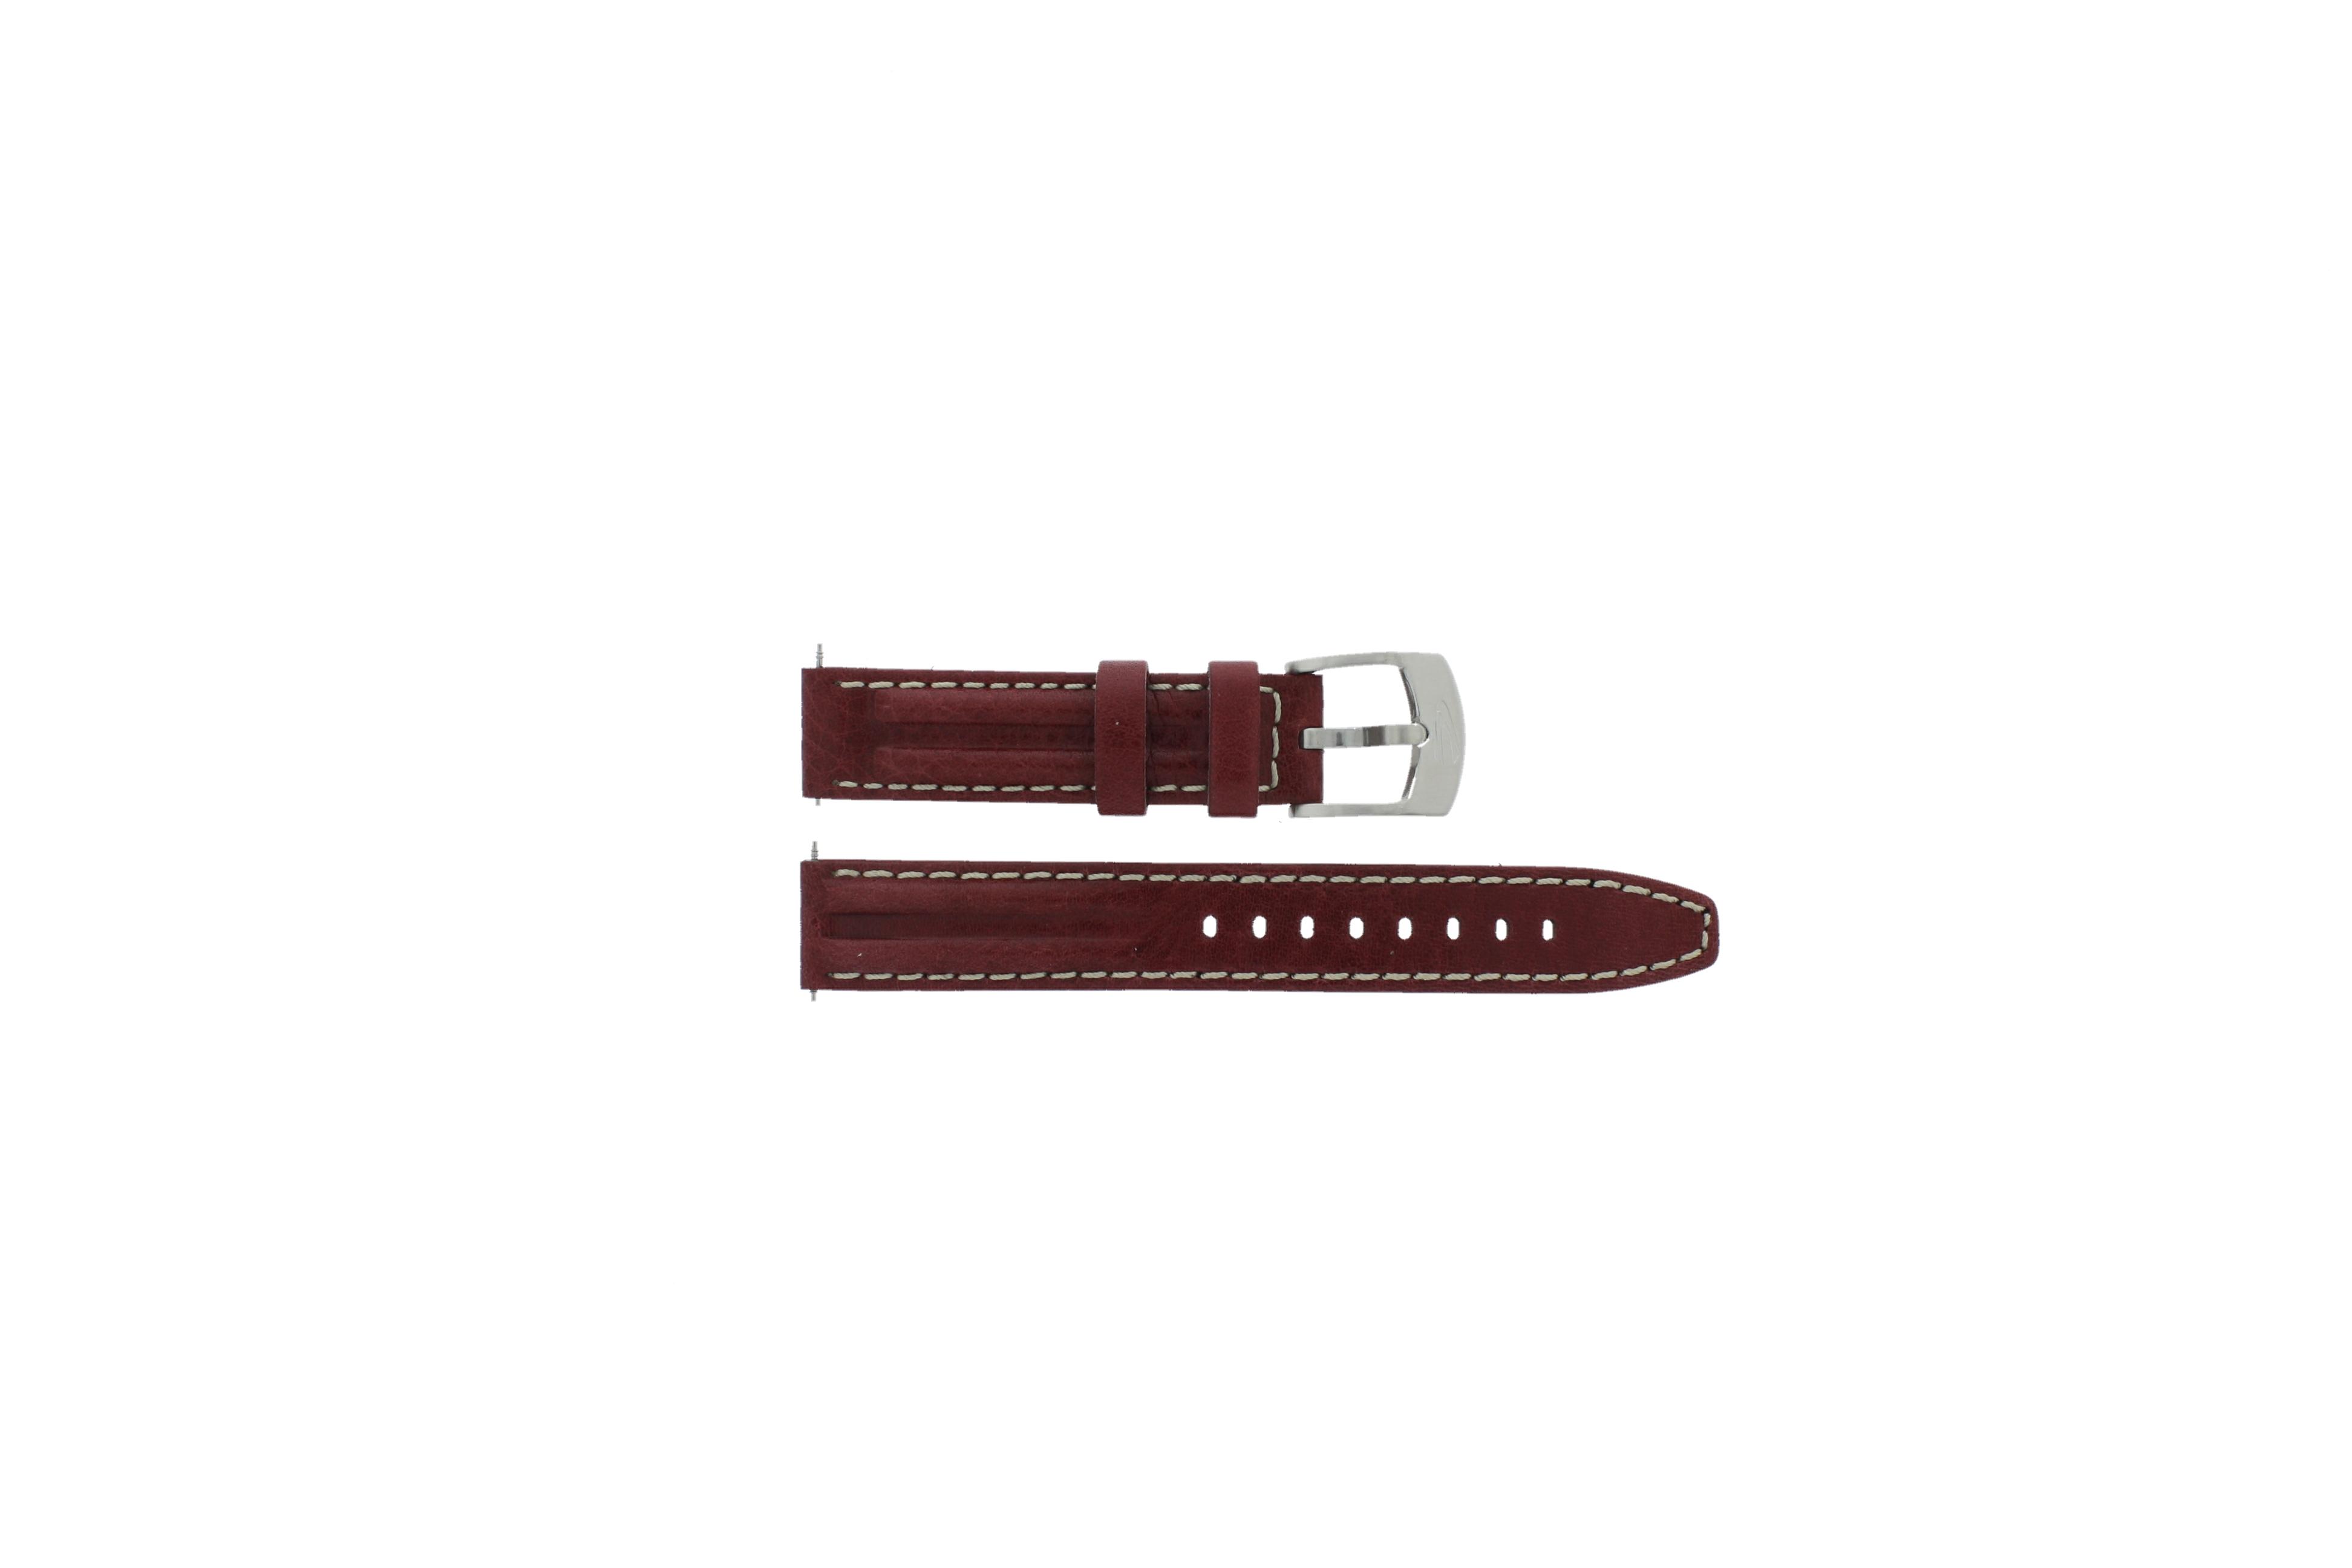 Camel horlogeband 6500-6510 Leder Bordeaux rood 16mm + wit stiksel